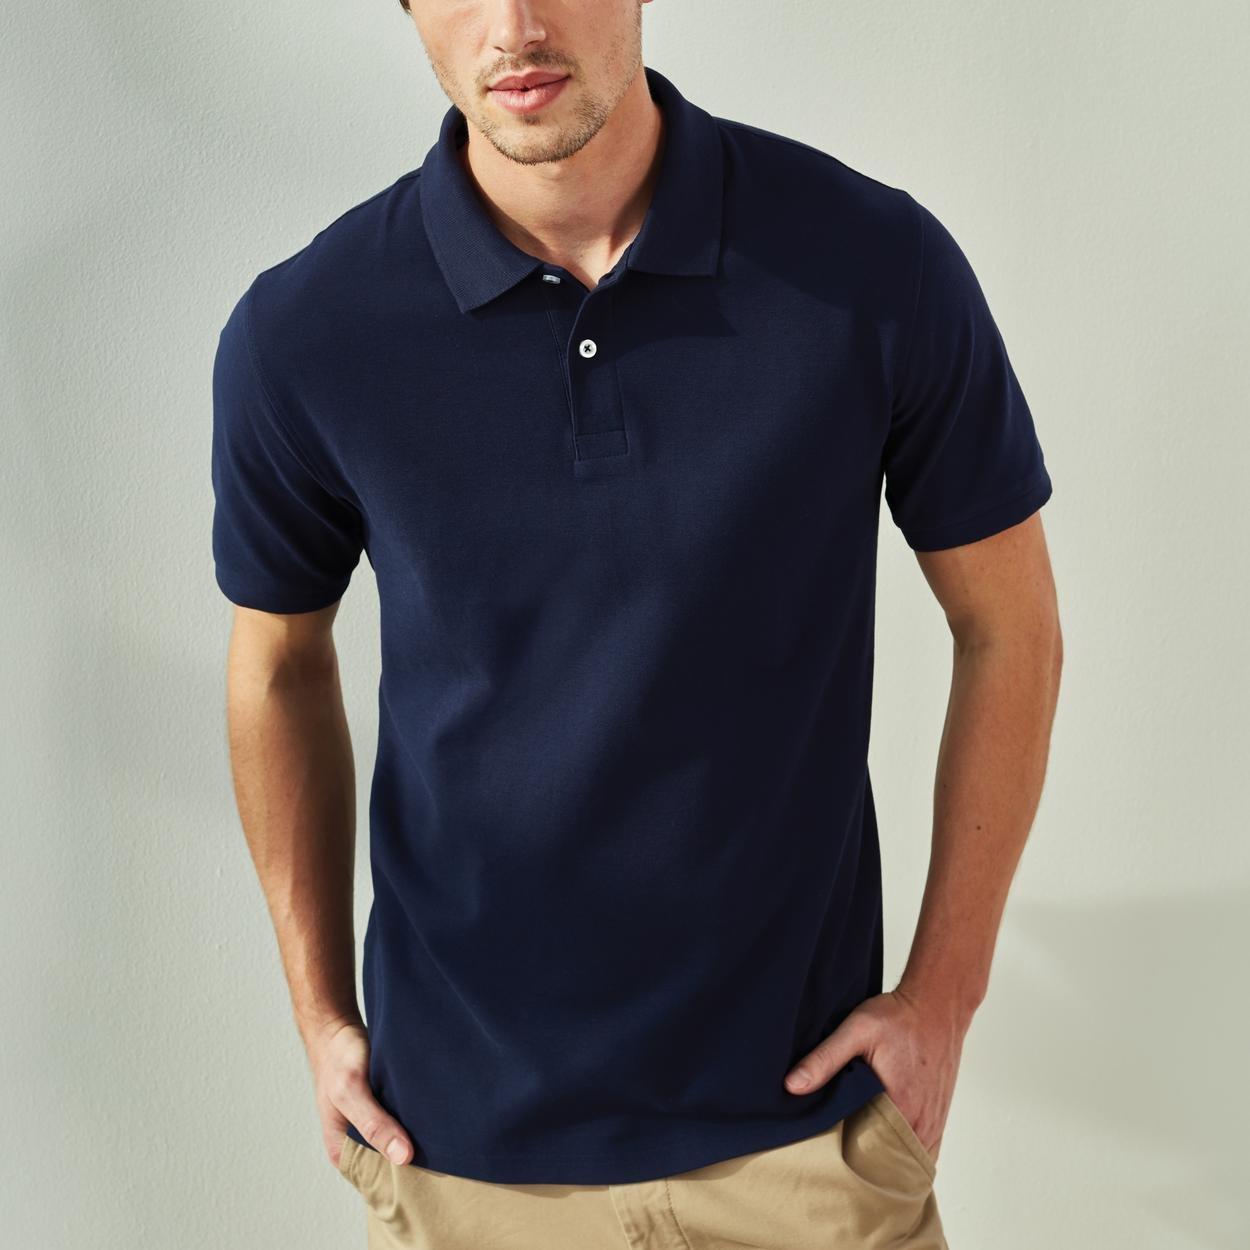 Ralph Shirts Polo Ebay Lauren Dress MSzGqUVp